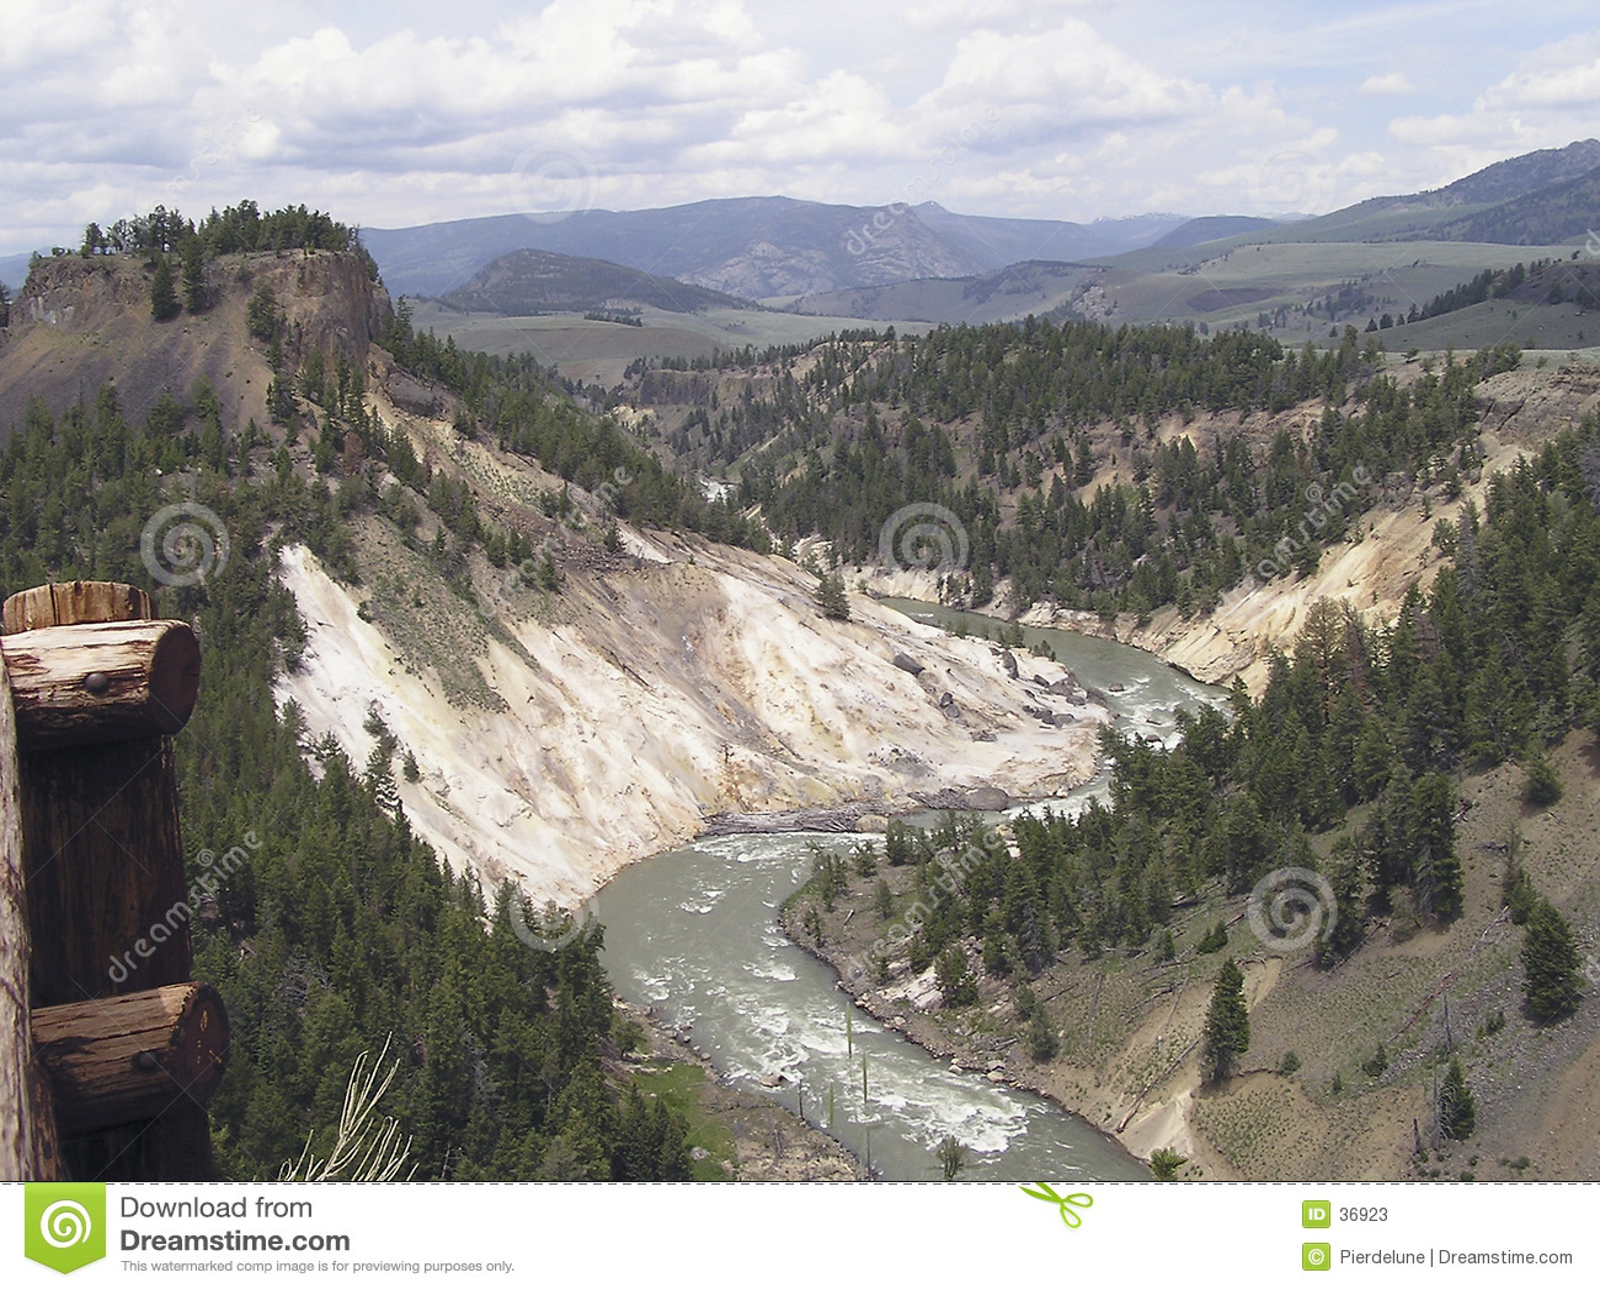 Canyon - Yellowstone